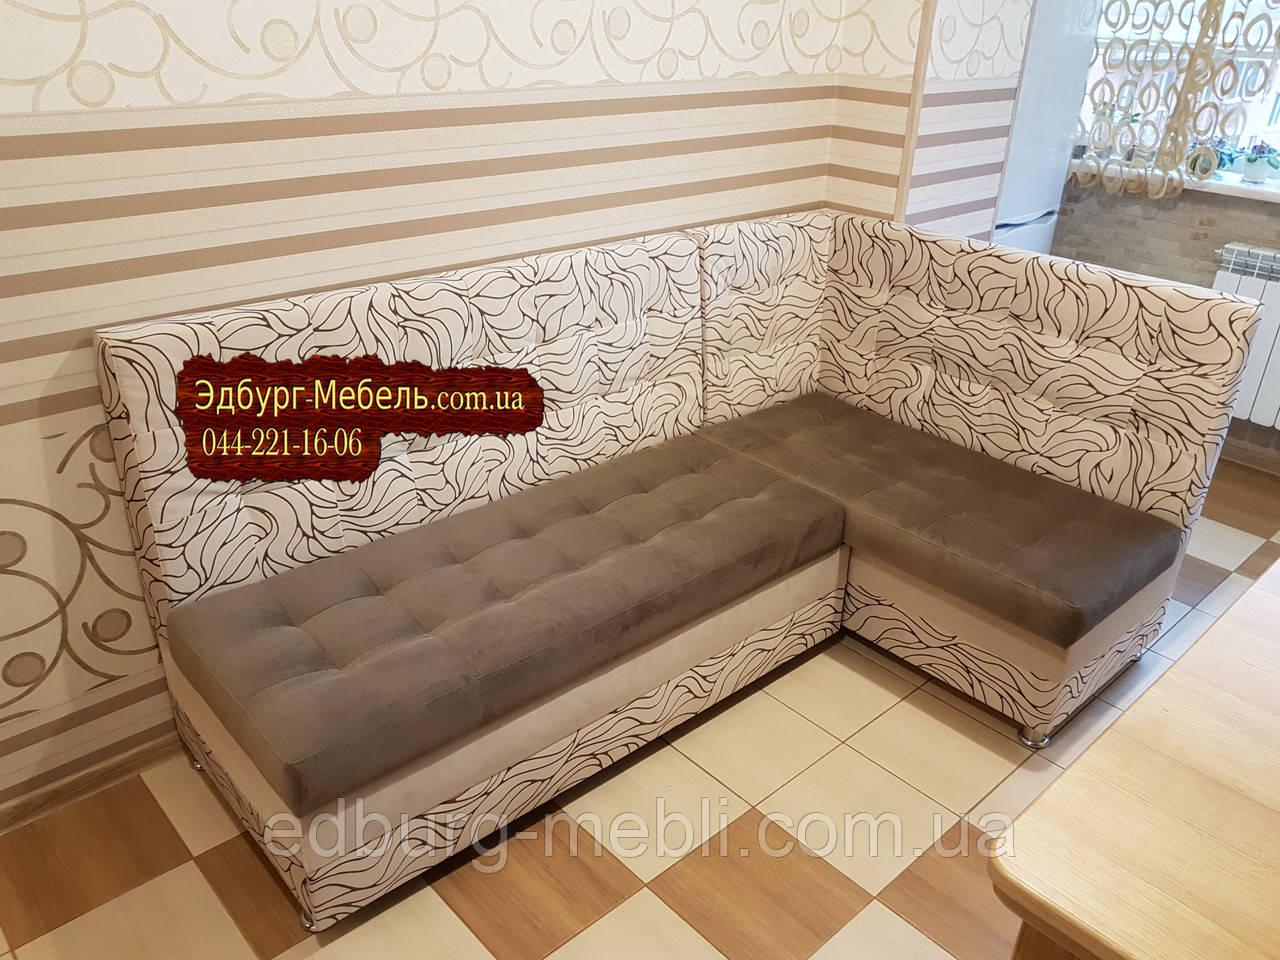 Кухонный уголок = кровать Квадро ткань антикоготь  - Эдбург-мебель производcтво мягкой мебели  в Киеве